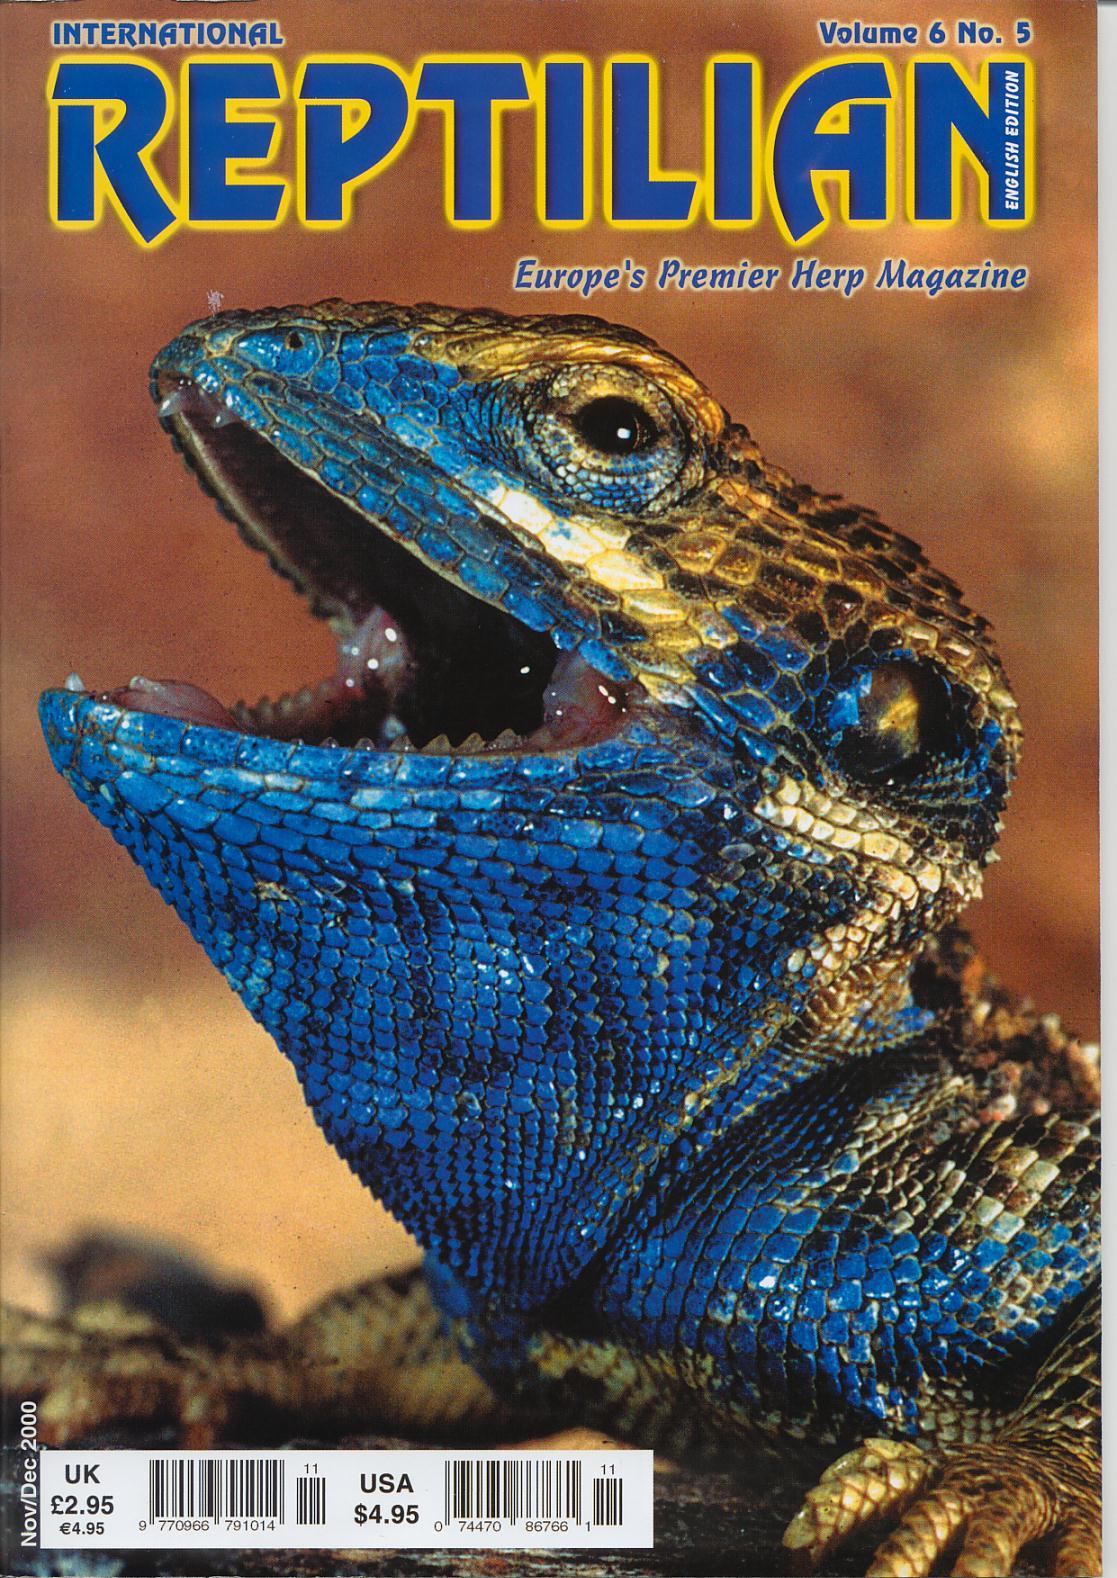 Cover of Reptilian 6(5)